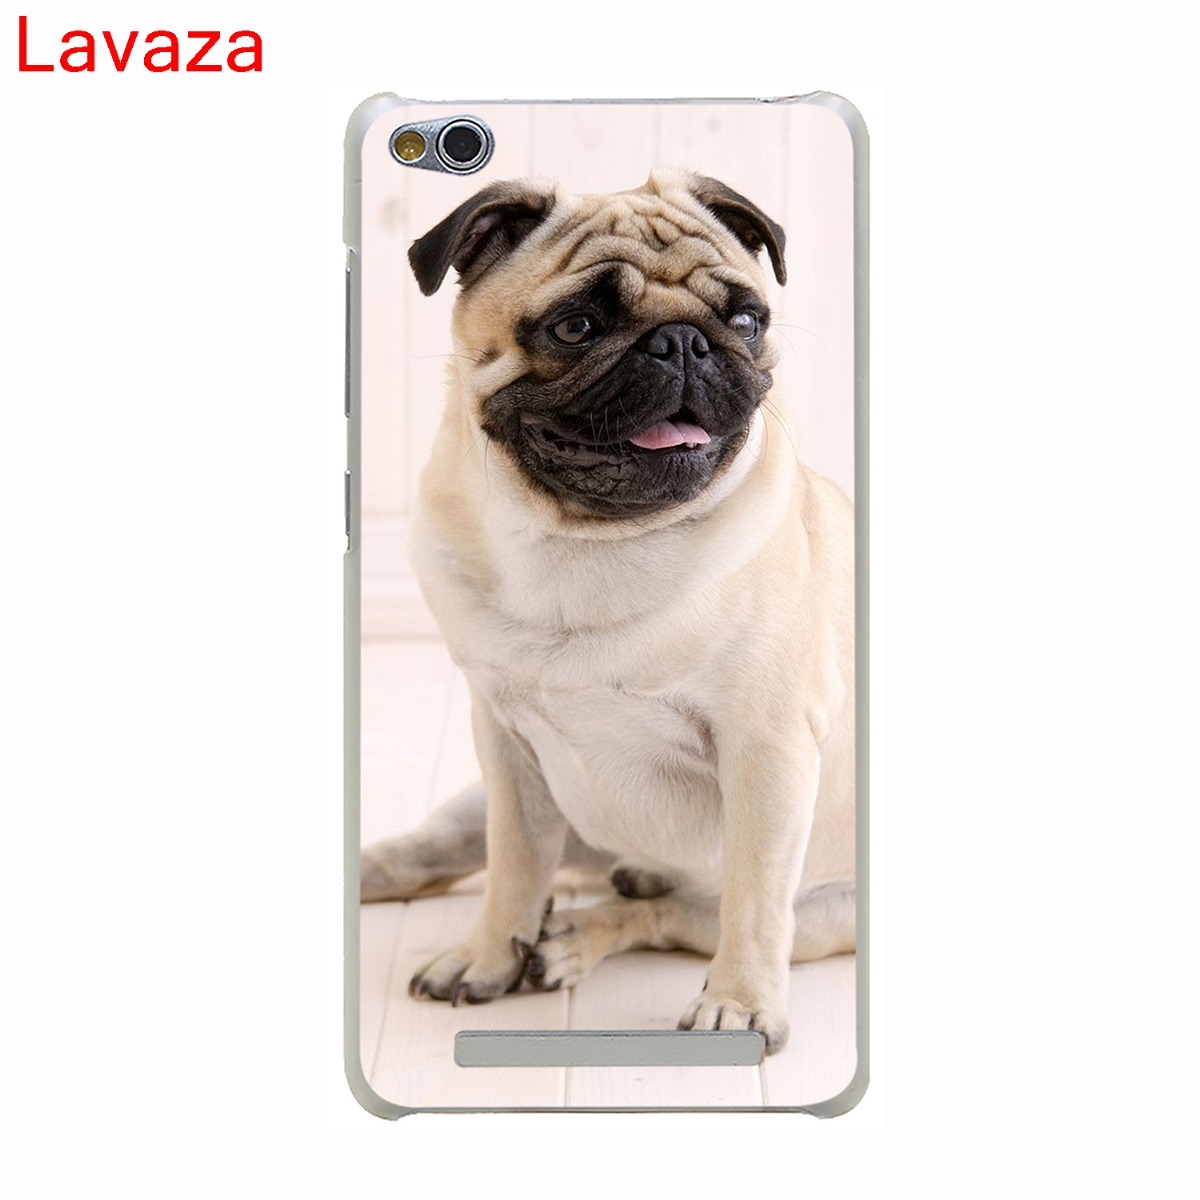 Lavaza Татуированная бультерьер милая собака biaoqing жесткий чехол для Xiaomi 6 5 5S плюс Redmi 3 4 Pro 4 премьер 4A Примечание 2 3 Pro 4 4X